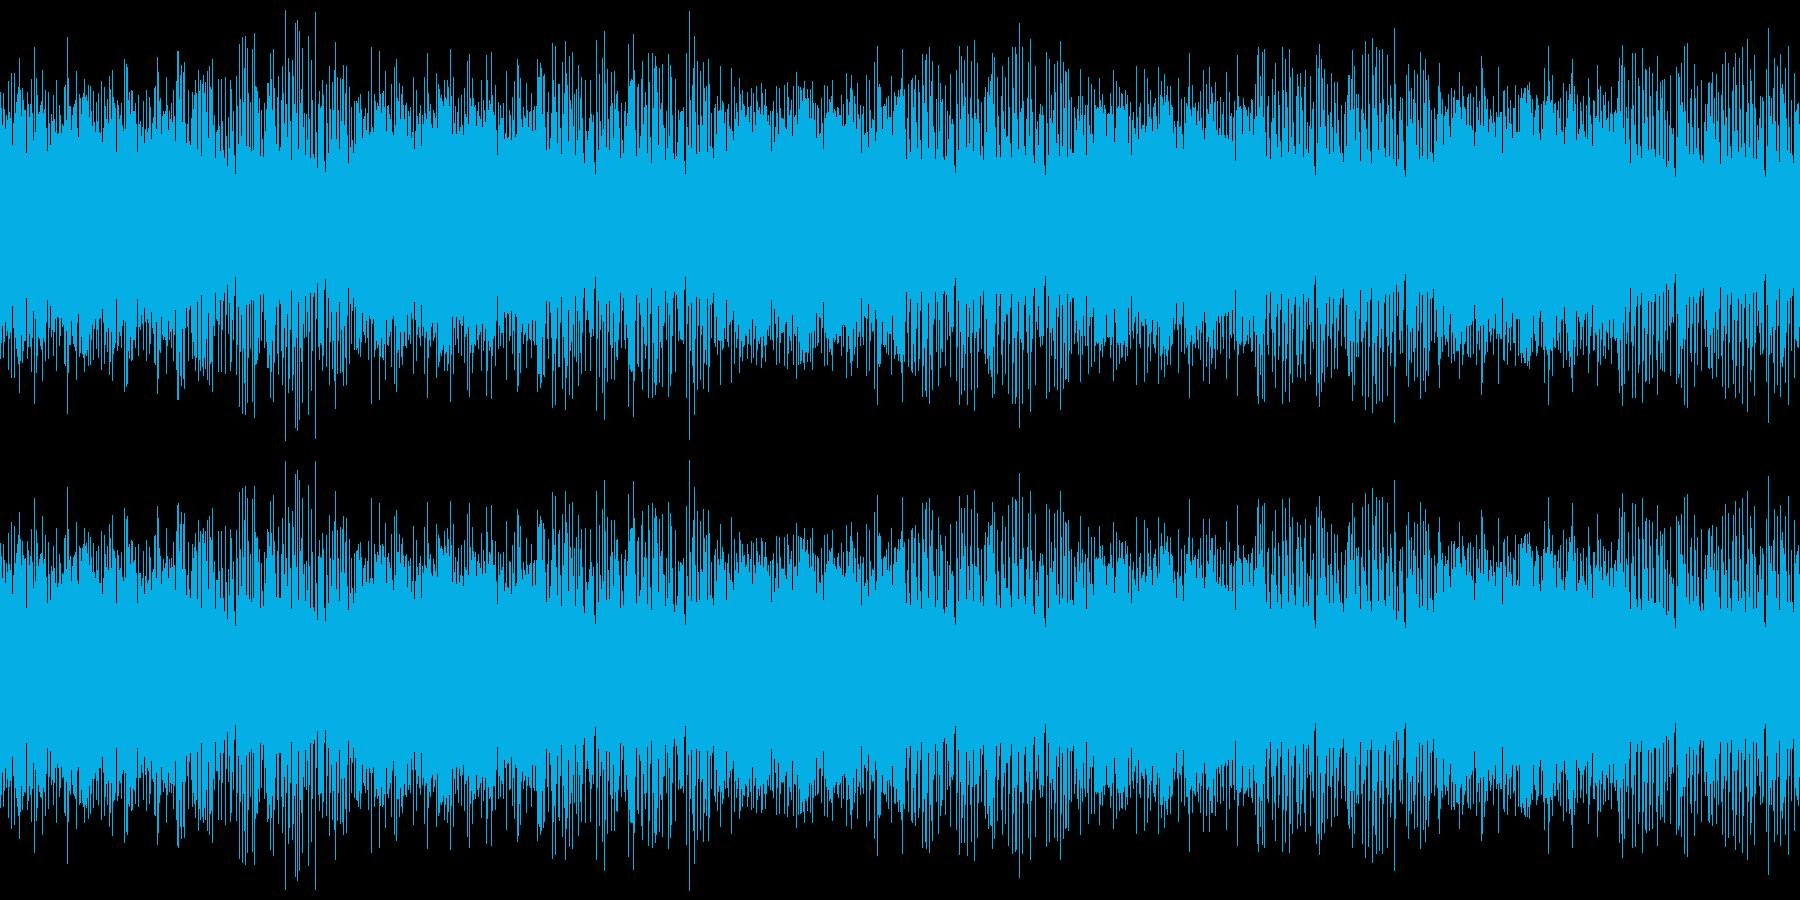 ファミコン音源 ほのぼのとした港町の再生済みの波形